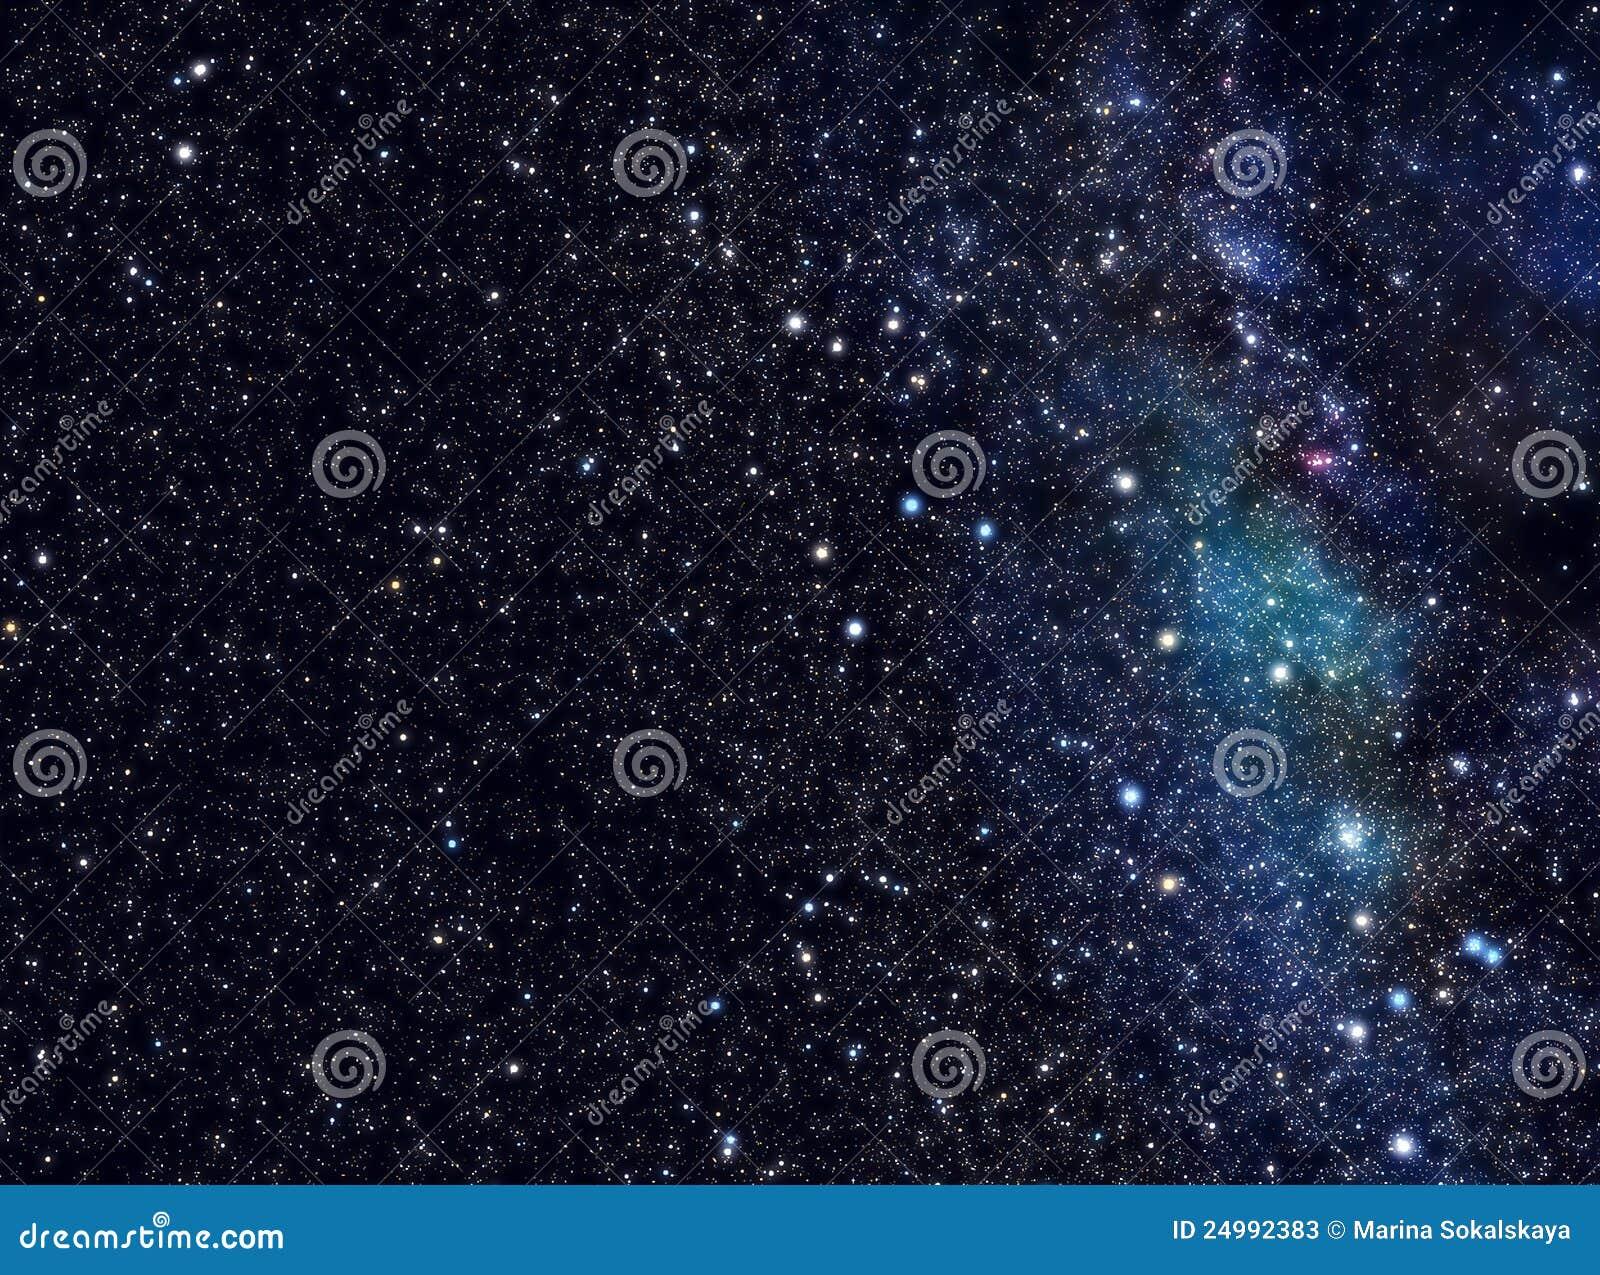 Ilustração Gratis Espaço Todos Os Universo Cosmos: Universo Do Espaço Das Estrelas Ilustração Stock